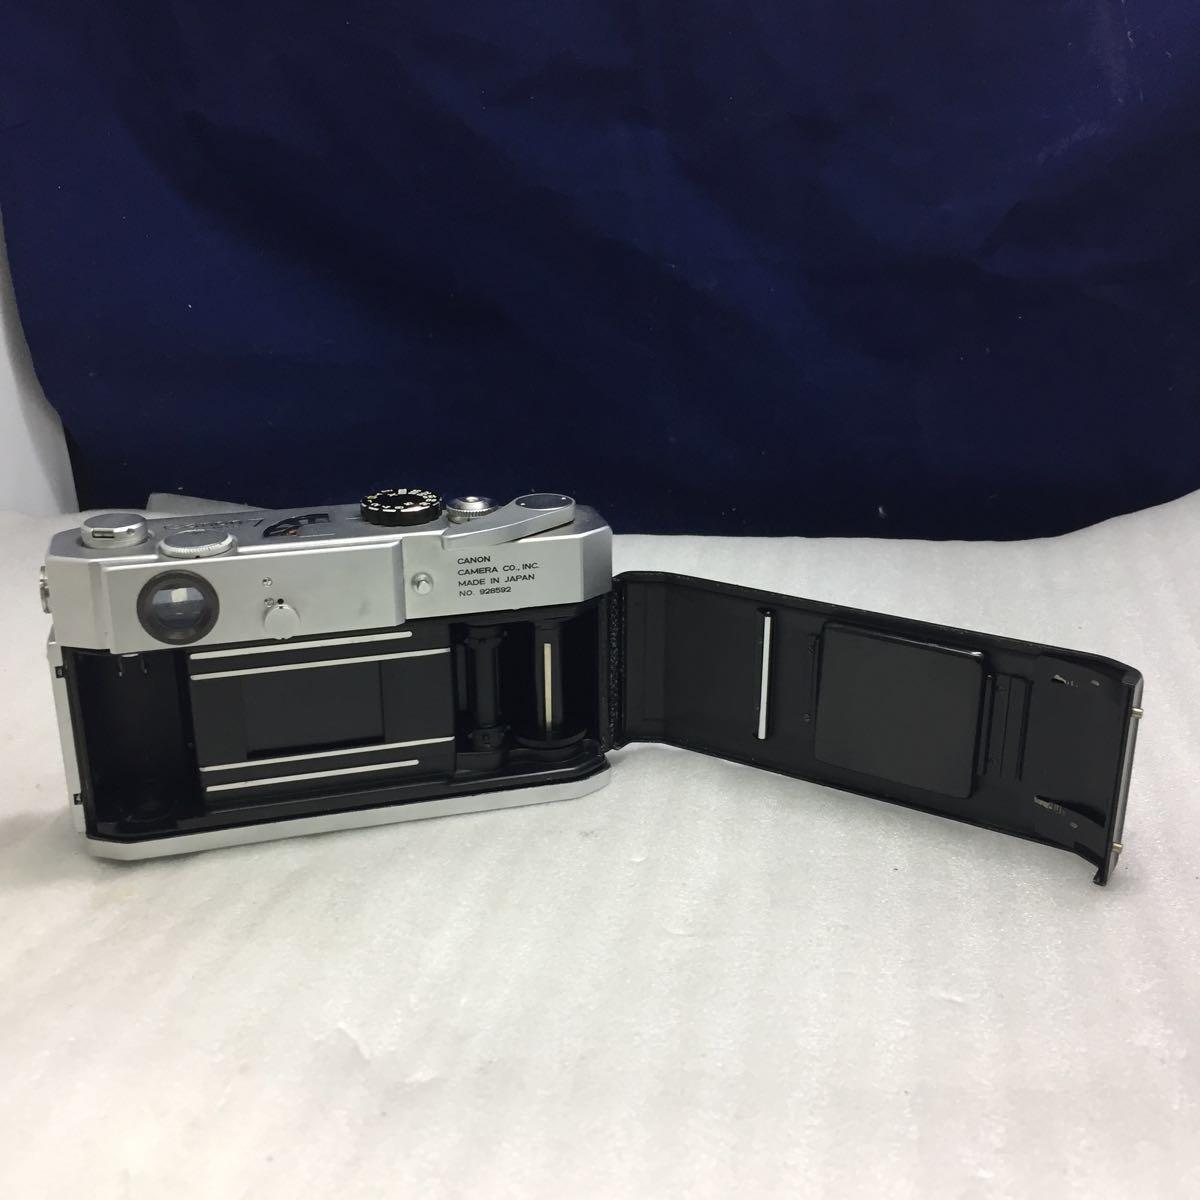 Canon レンジファインダーカメラ Canon 7 レンズ 50mm F0.95 btbt-t_画像7